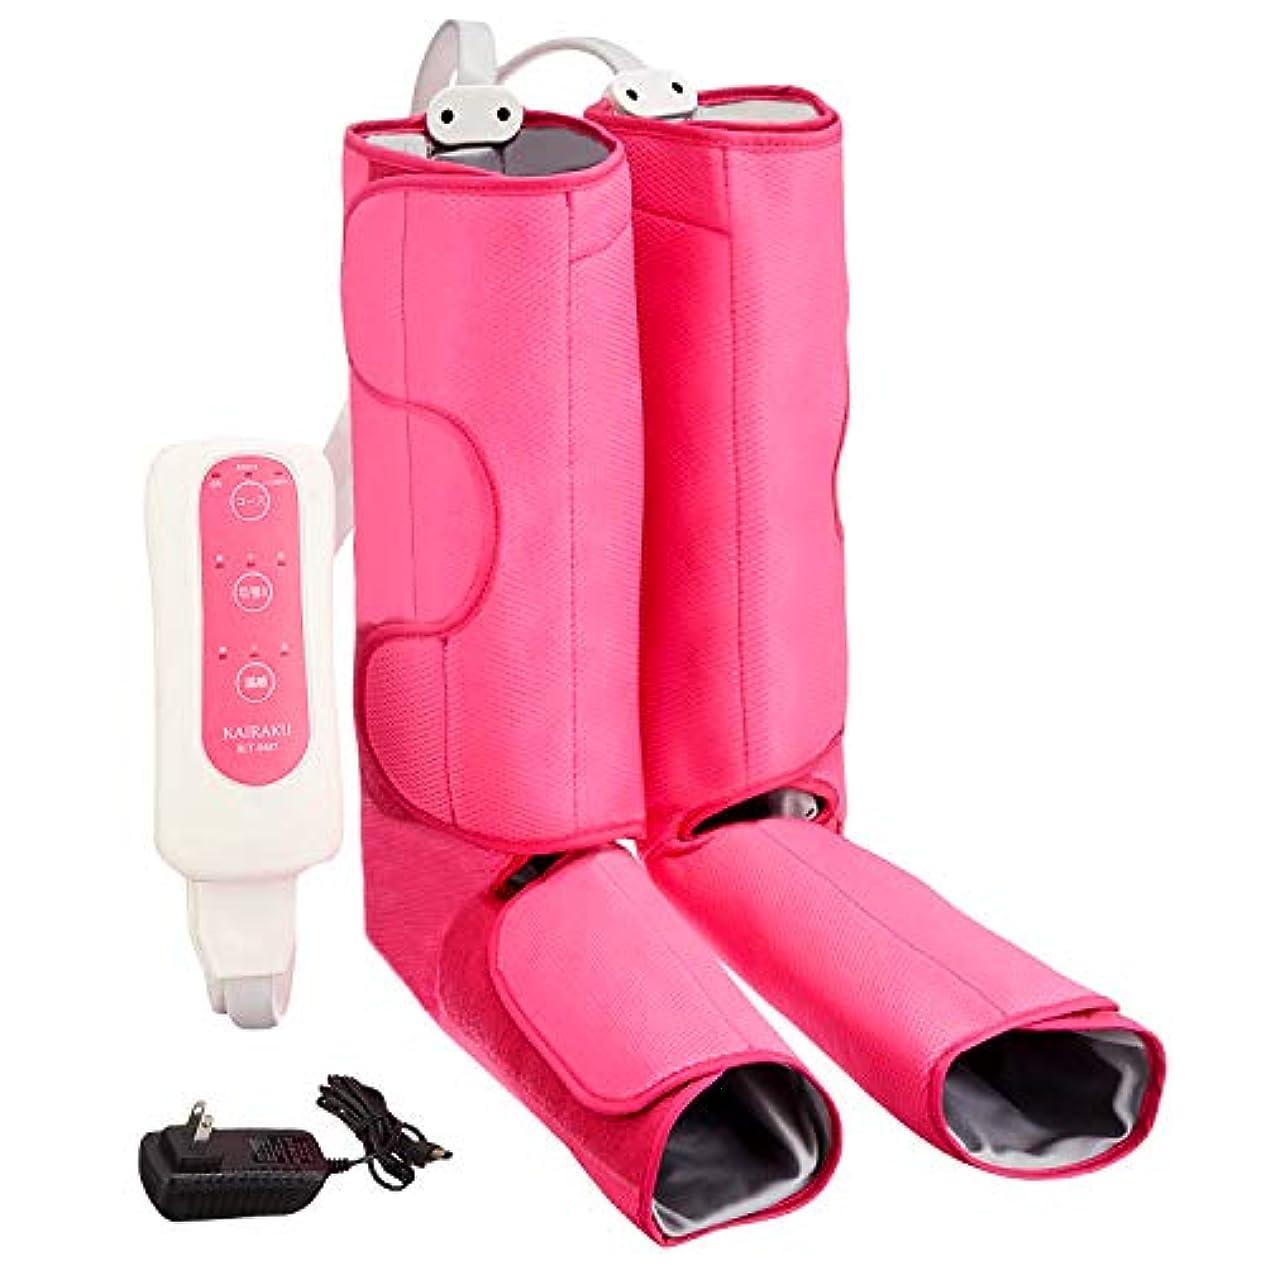 そこかなりのスタッフエアーマッサージャー  3つのマッサージコースを 温感機能搭載フット循環血行促進マッサージ マッサージフットケア 空気圧縮 疲労回復 筋肉痛の痛みの緩解 家庭用